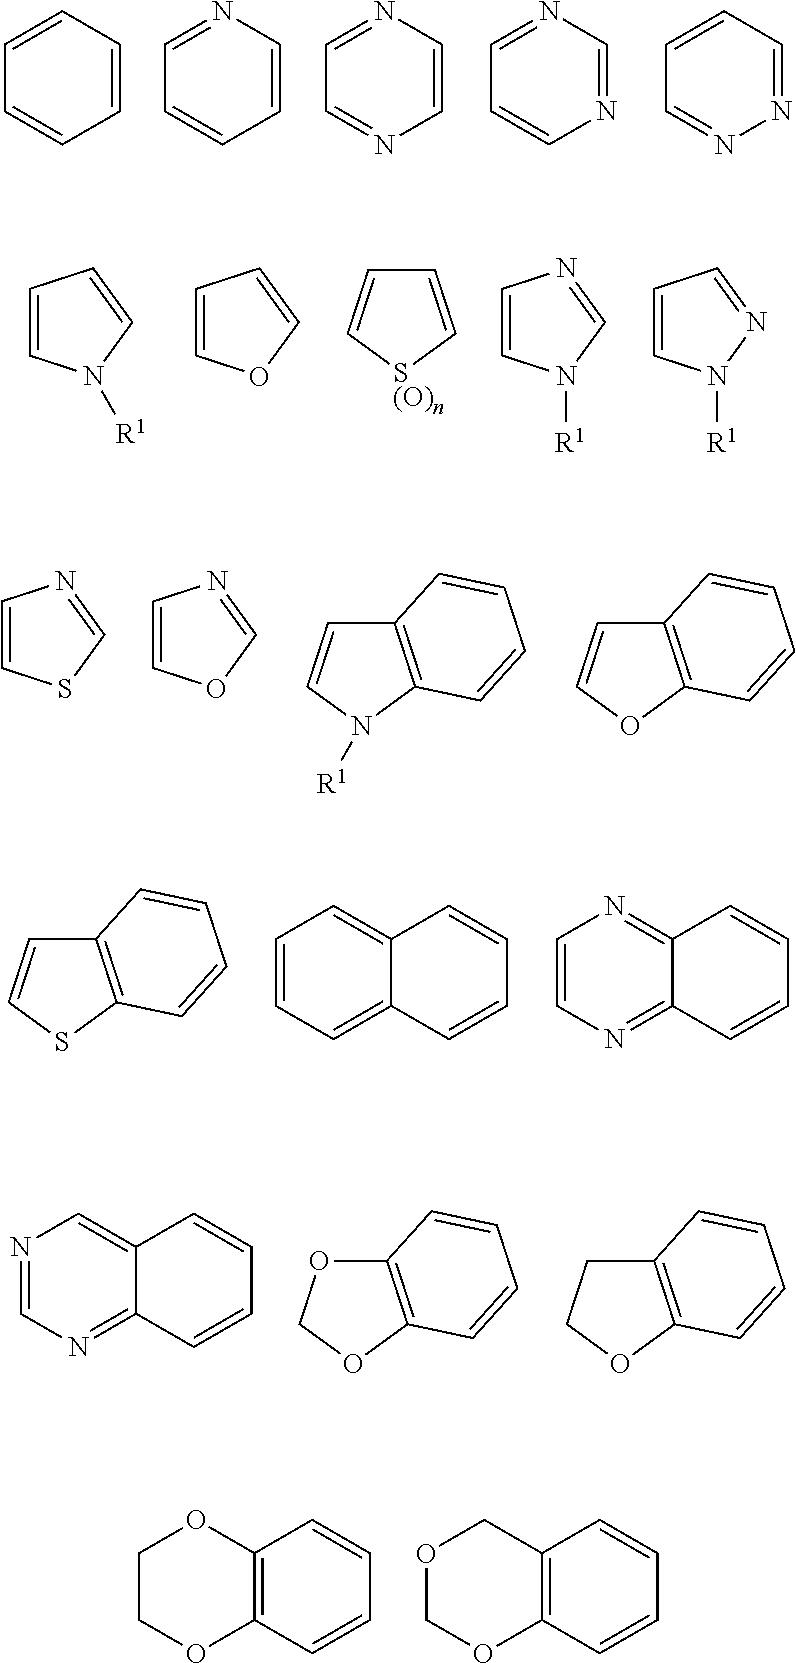 Figure US09475801-20161025-C00022